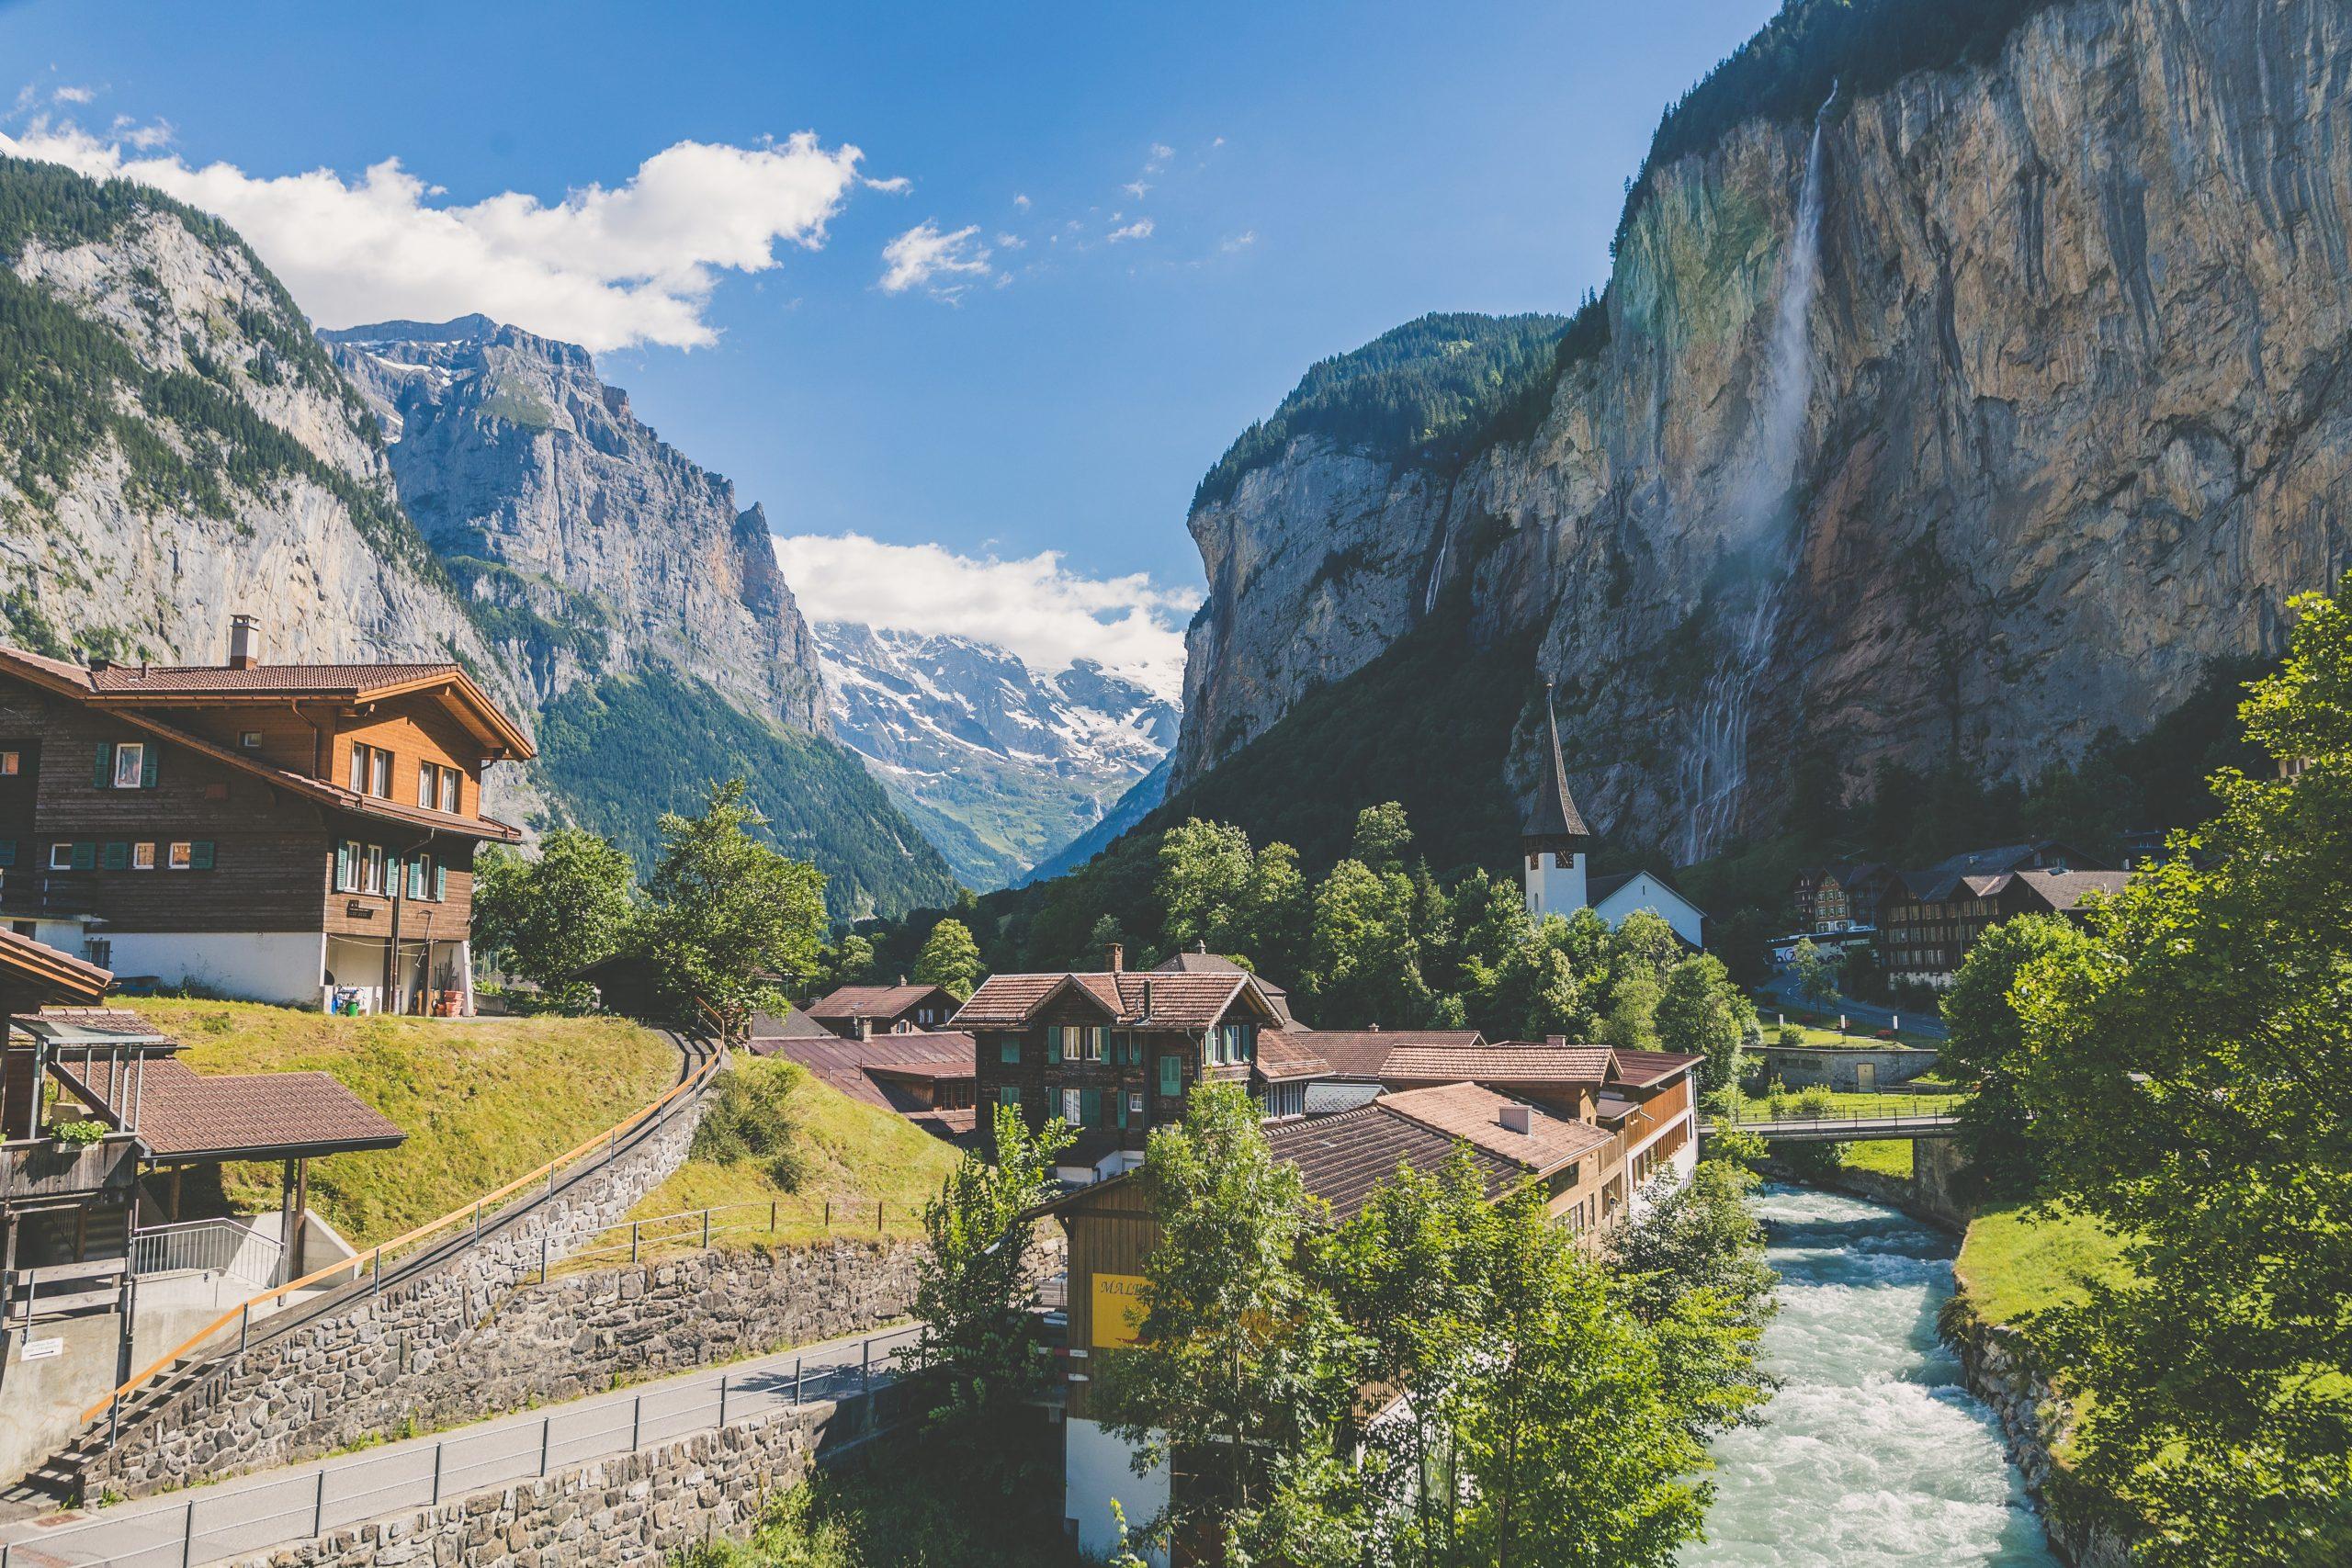 Bild von den Schweizer Bergen